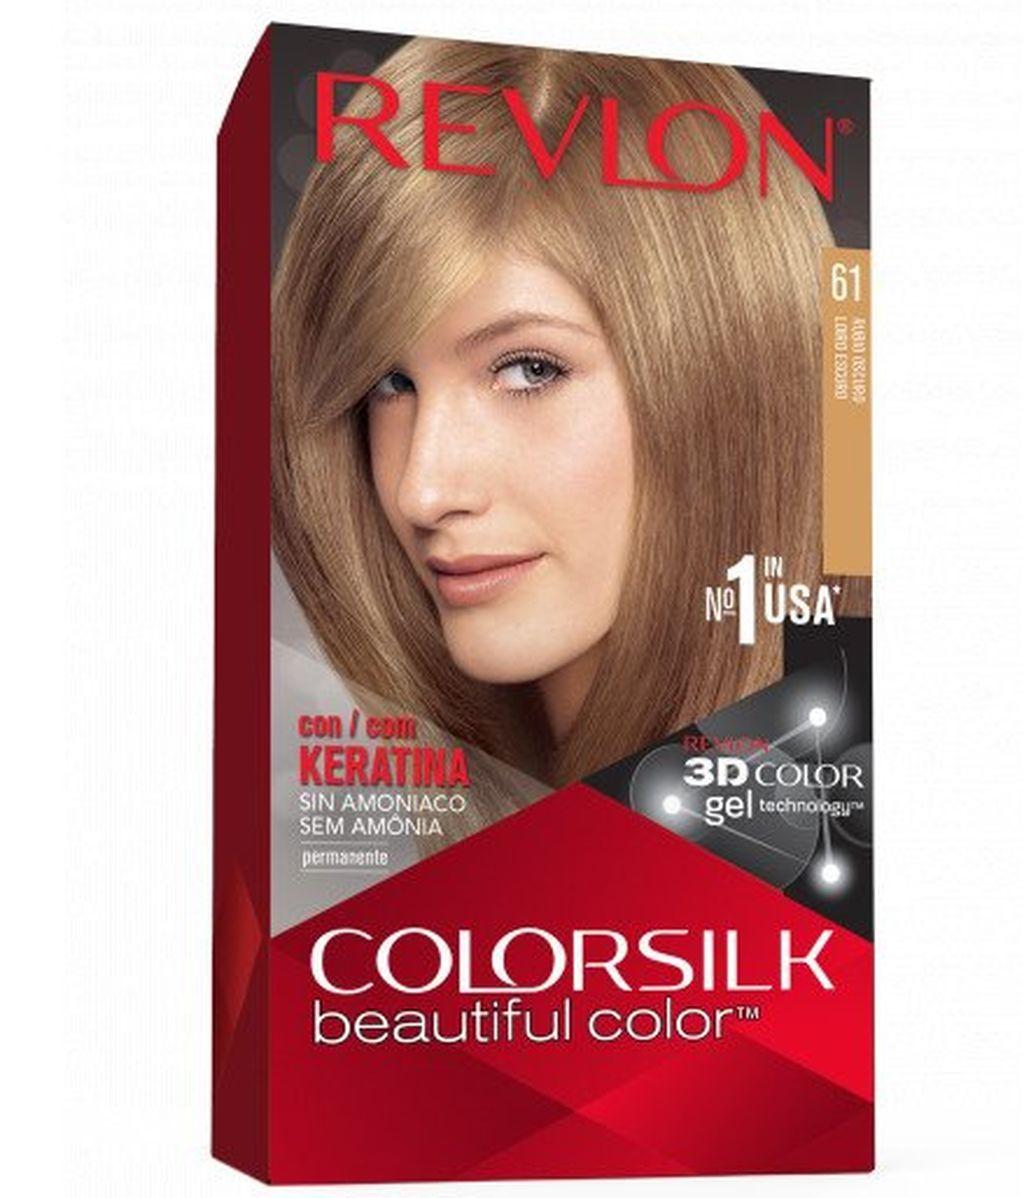 colorsilk-tinte-sin-amoniaco-REVLON